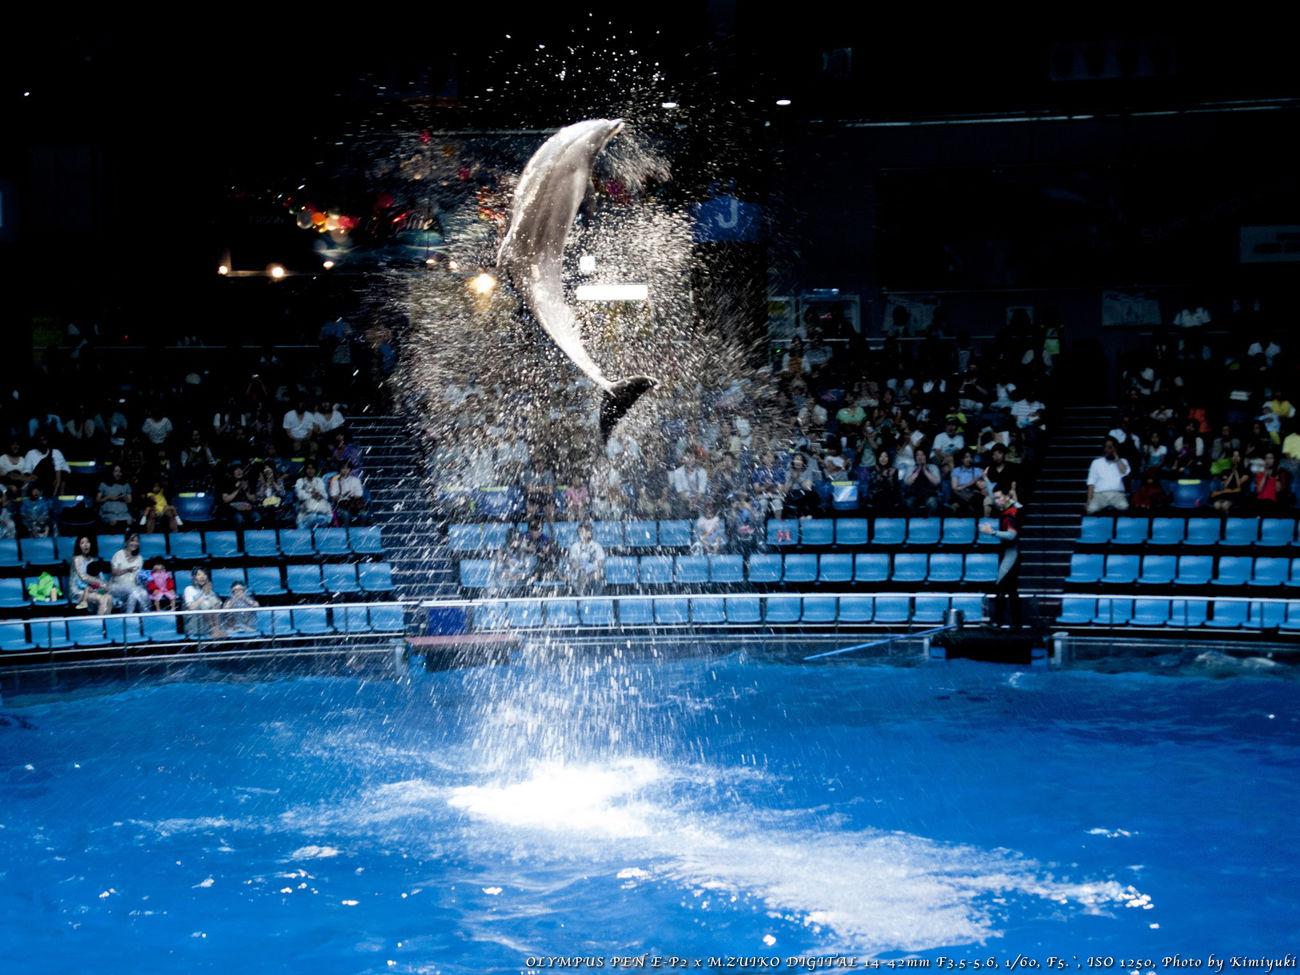 跳ねる Dolphin Aquarium 蔵出し(^^;) 品川アクアスタジアム ドルフィンパーティー(エプソン品川アクアスタジアム)